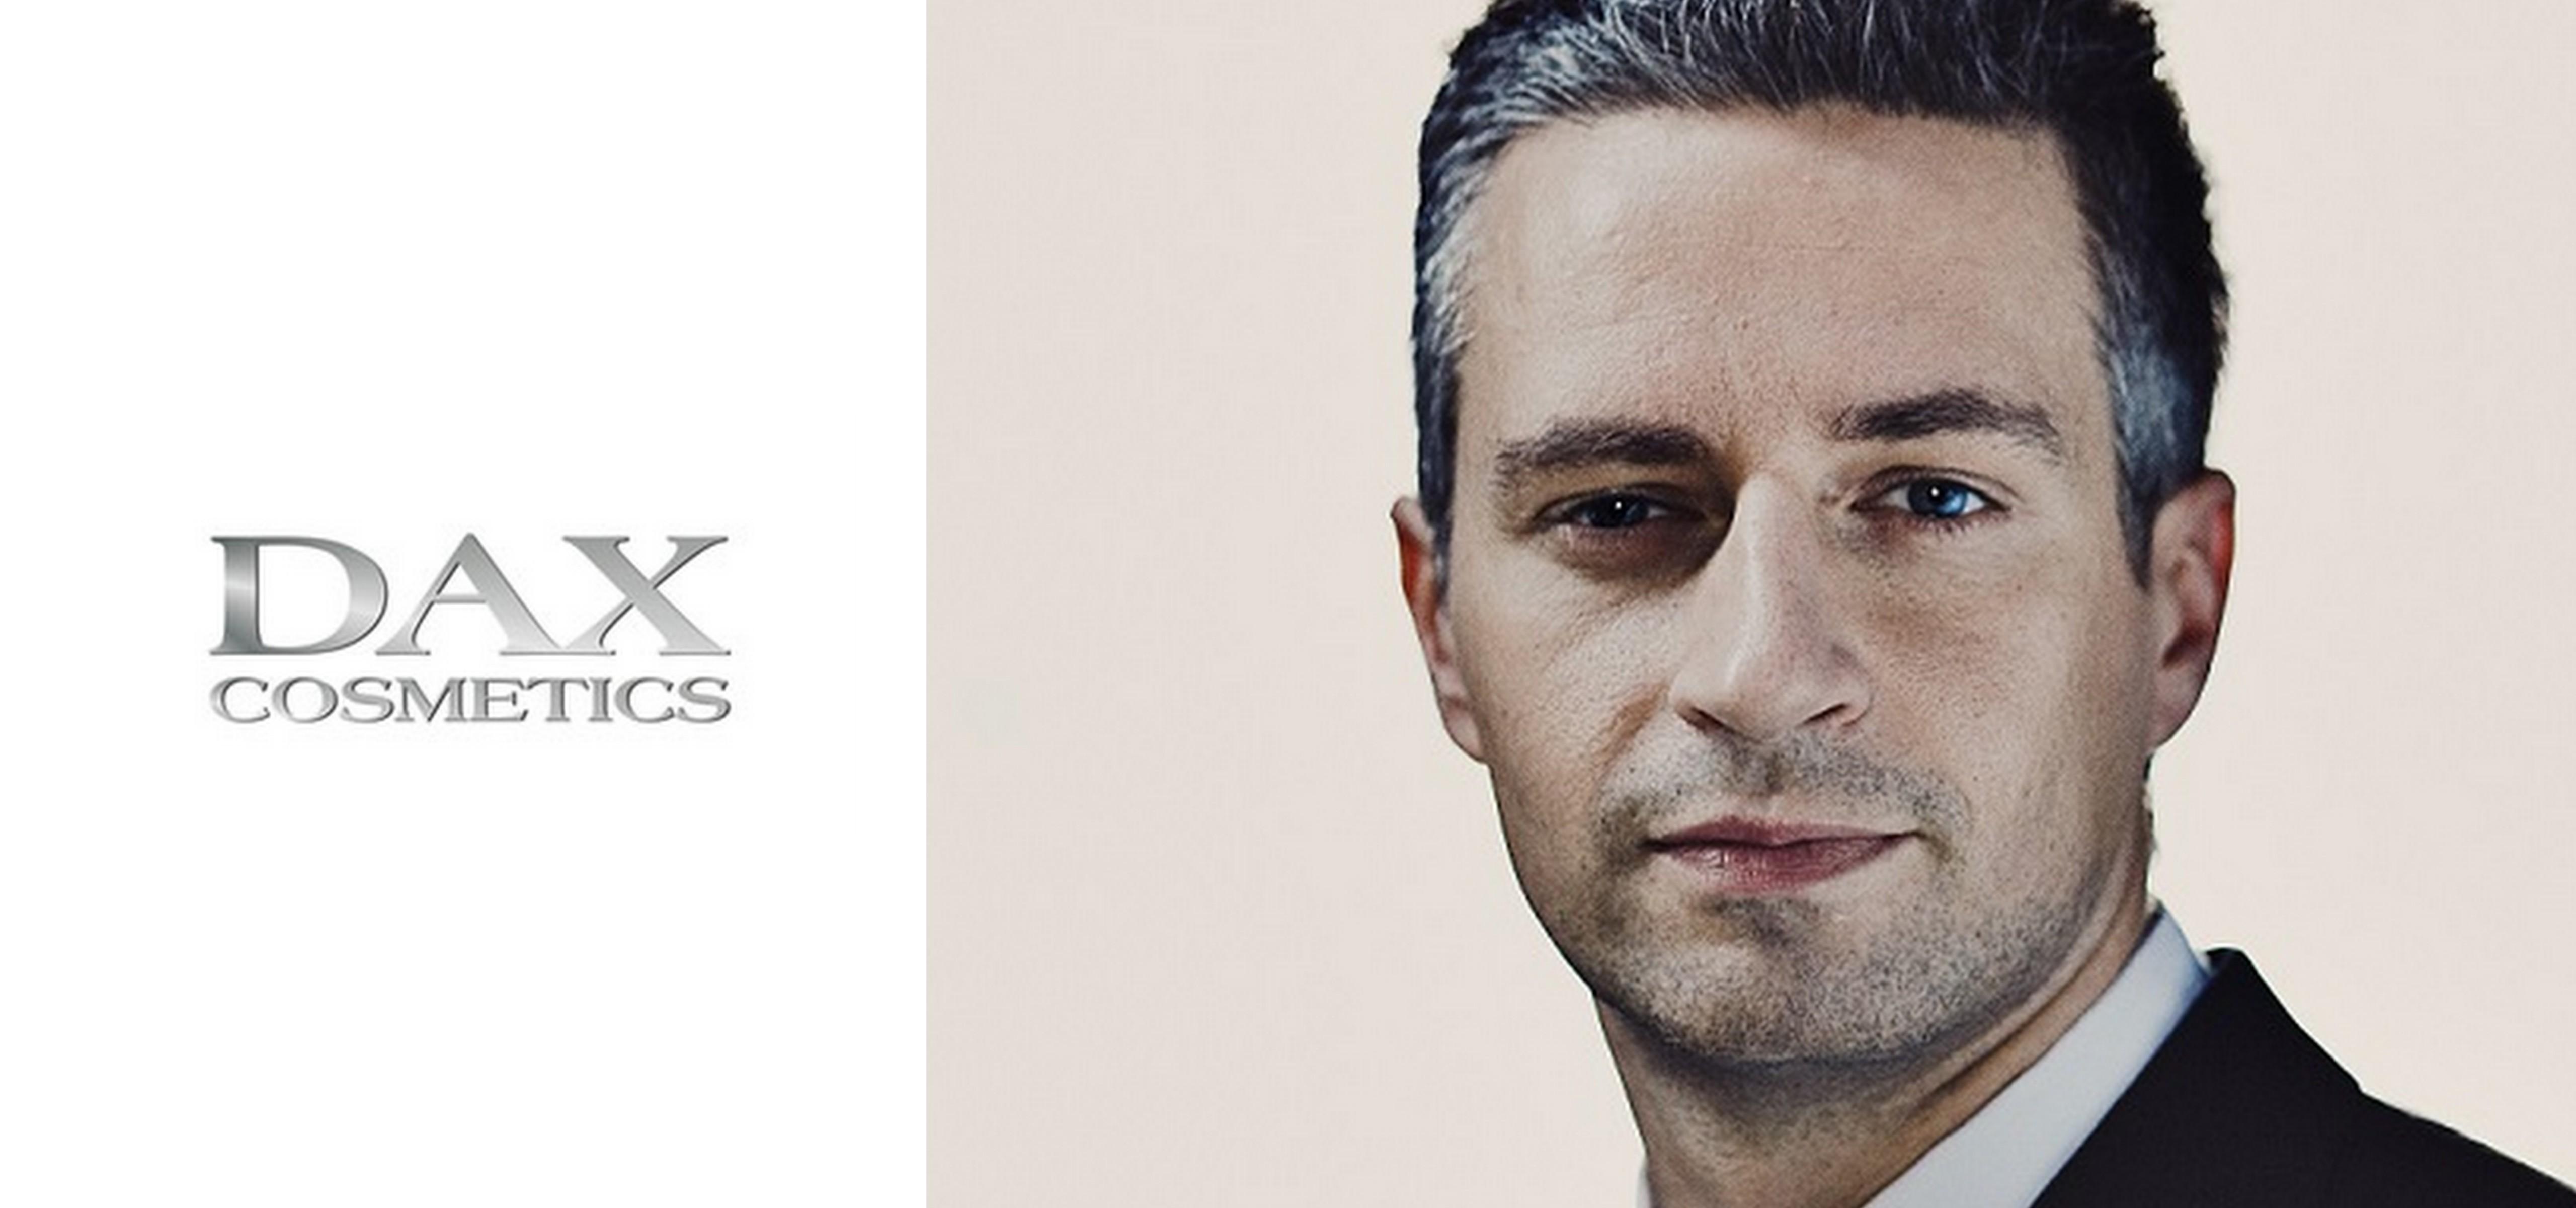 Nowy dyrektor handlowy w Dax Cosmetics FMCG